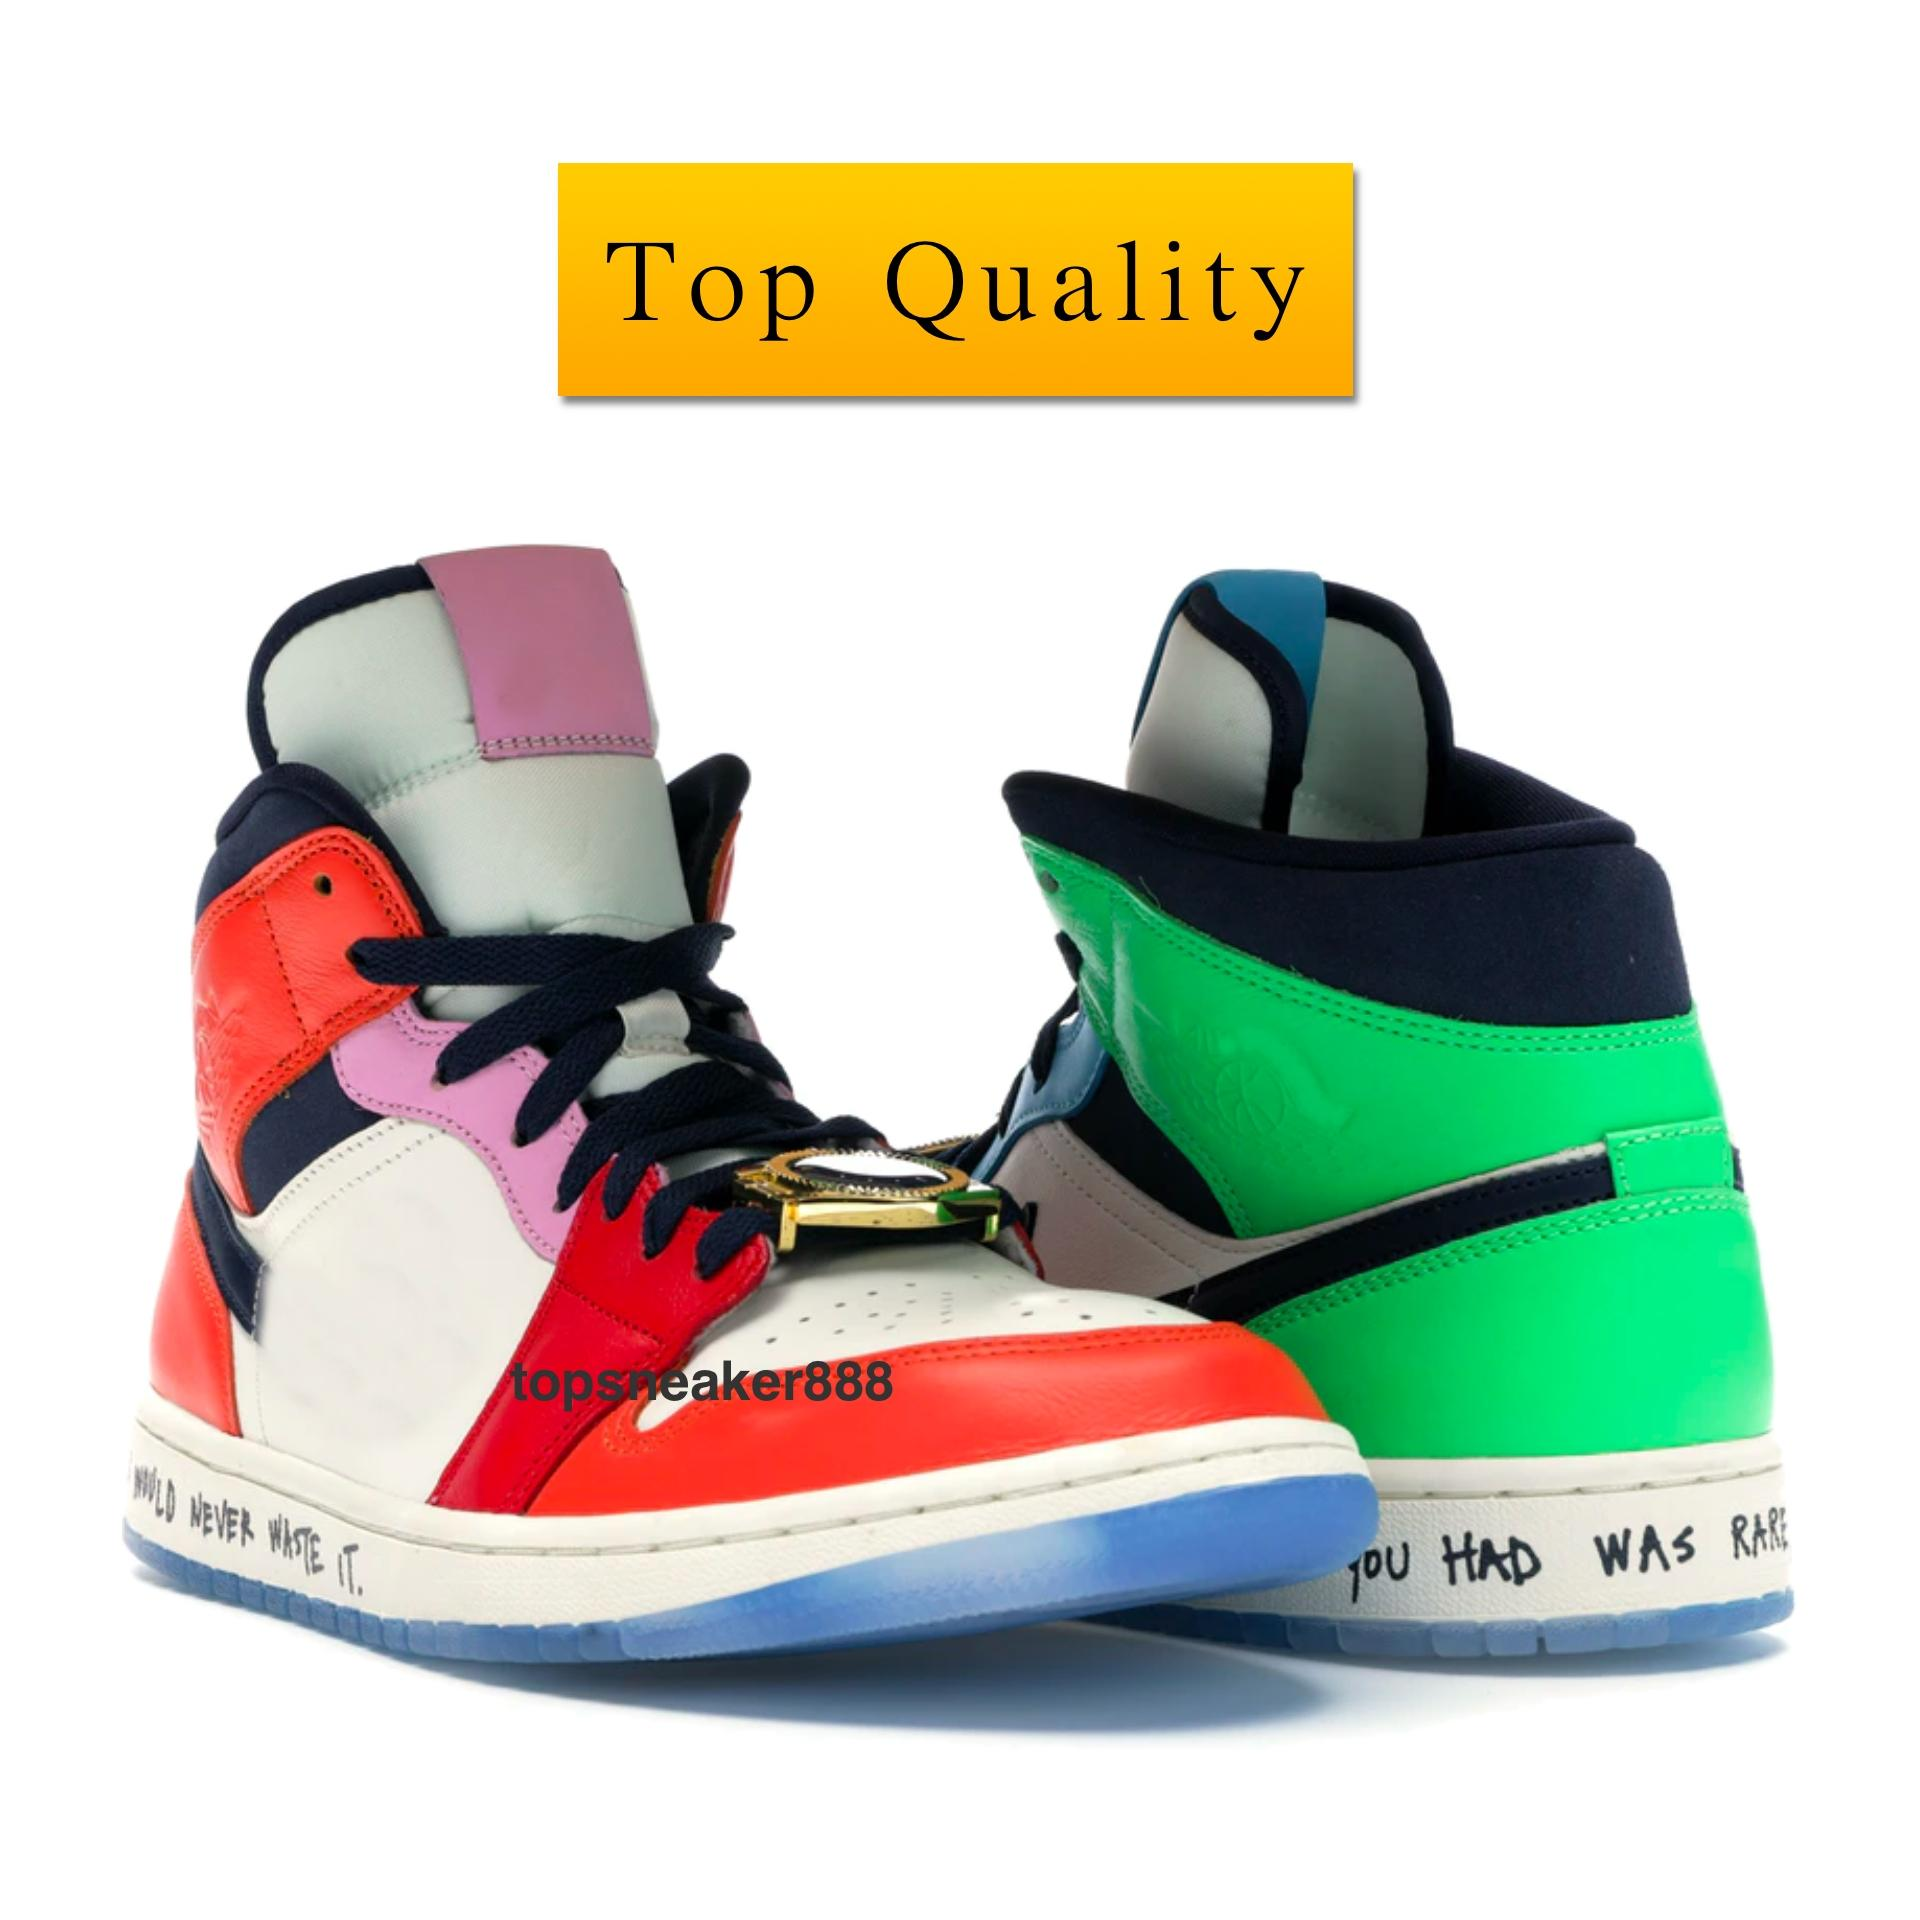 Air Jordan 1 Mid SE Fearless Melody Ehsani Shoes منتصف SE بلا خوف ميلودي احساني OG الجودة رجل حذاء رياضة الأحمر والأخضر إمرأة حذاء رياضة CQ7629-100